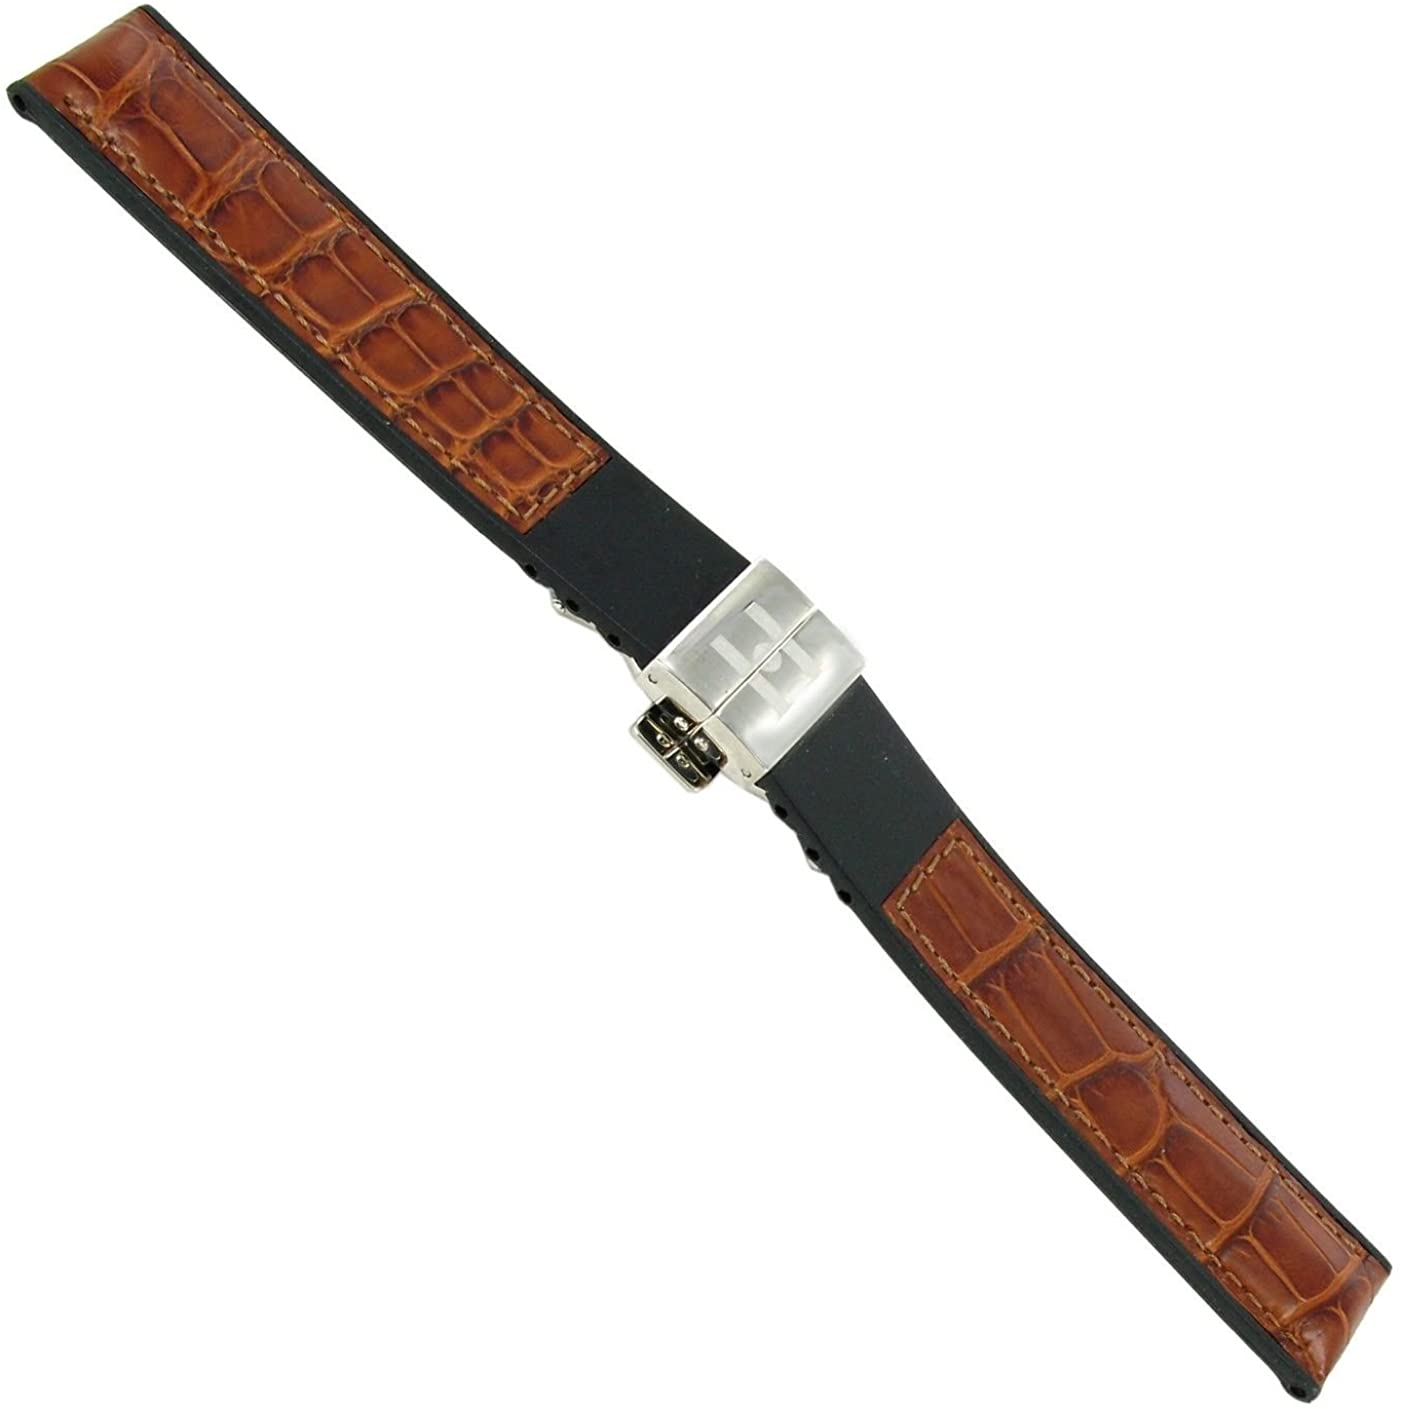 18mm Hirsch Alligator Grain Adjustable Deployment Buckle Medium Brown Watch Band